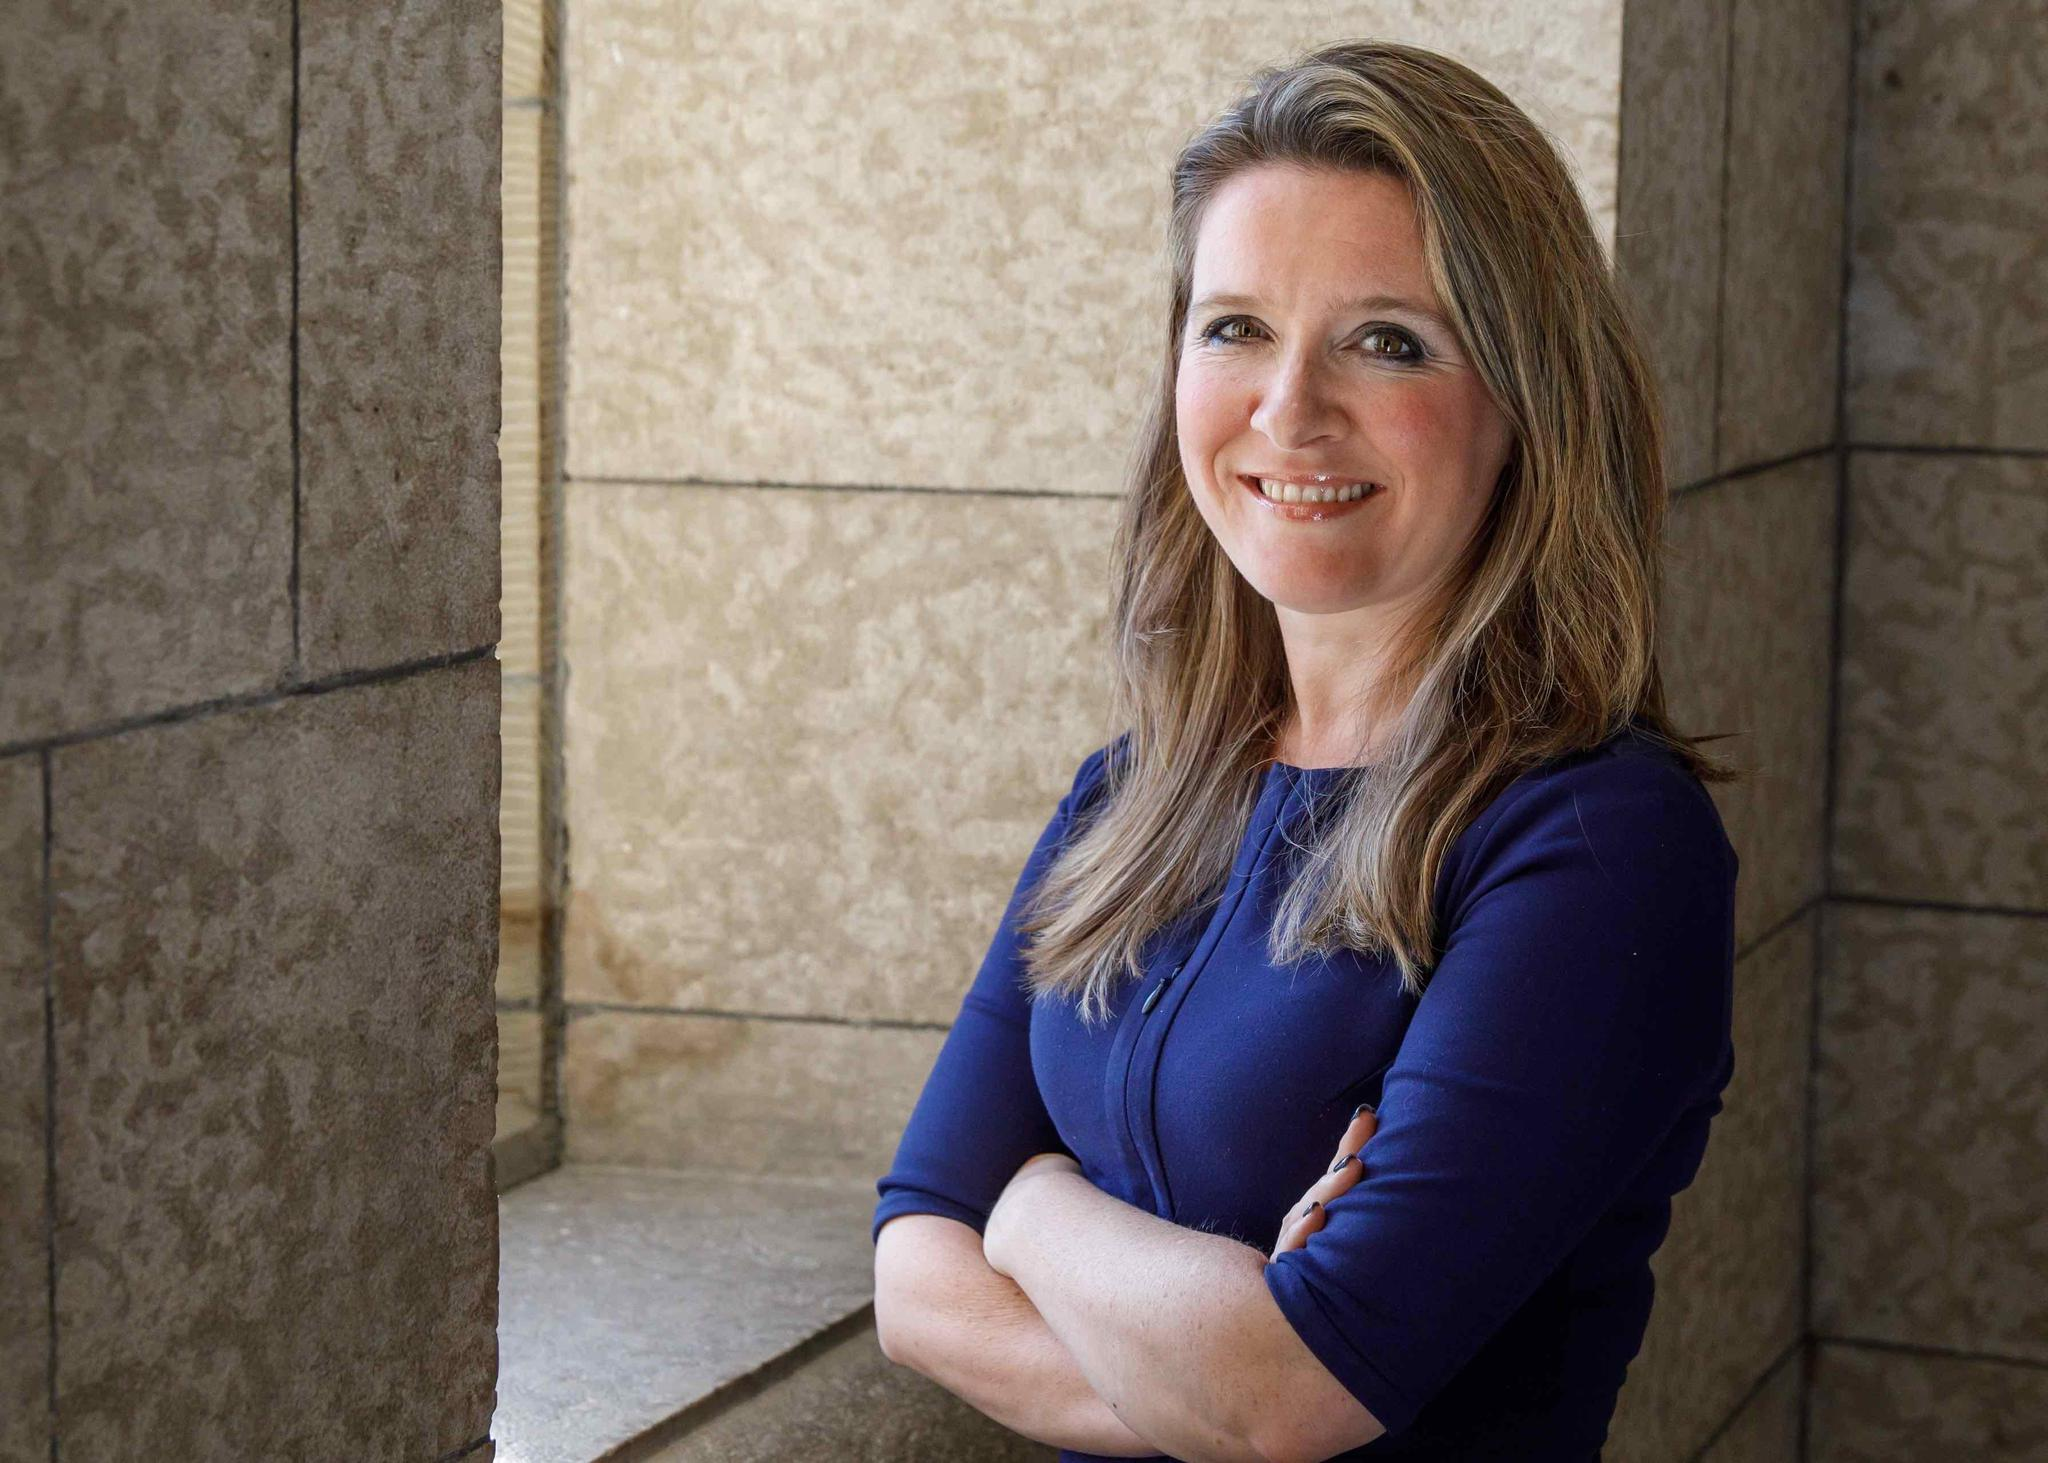 加拿大军队性丑闻发酵 反对党要求特鲁多助手听证